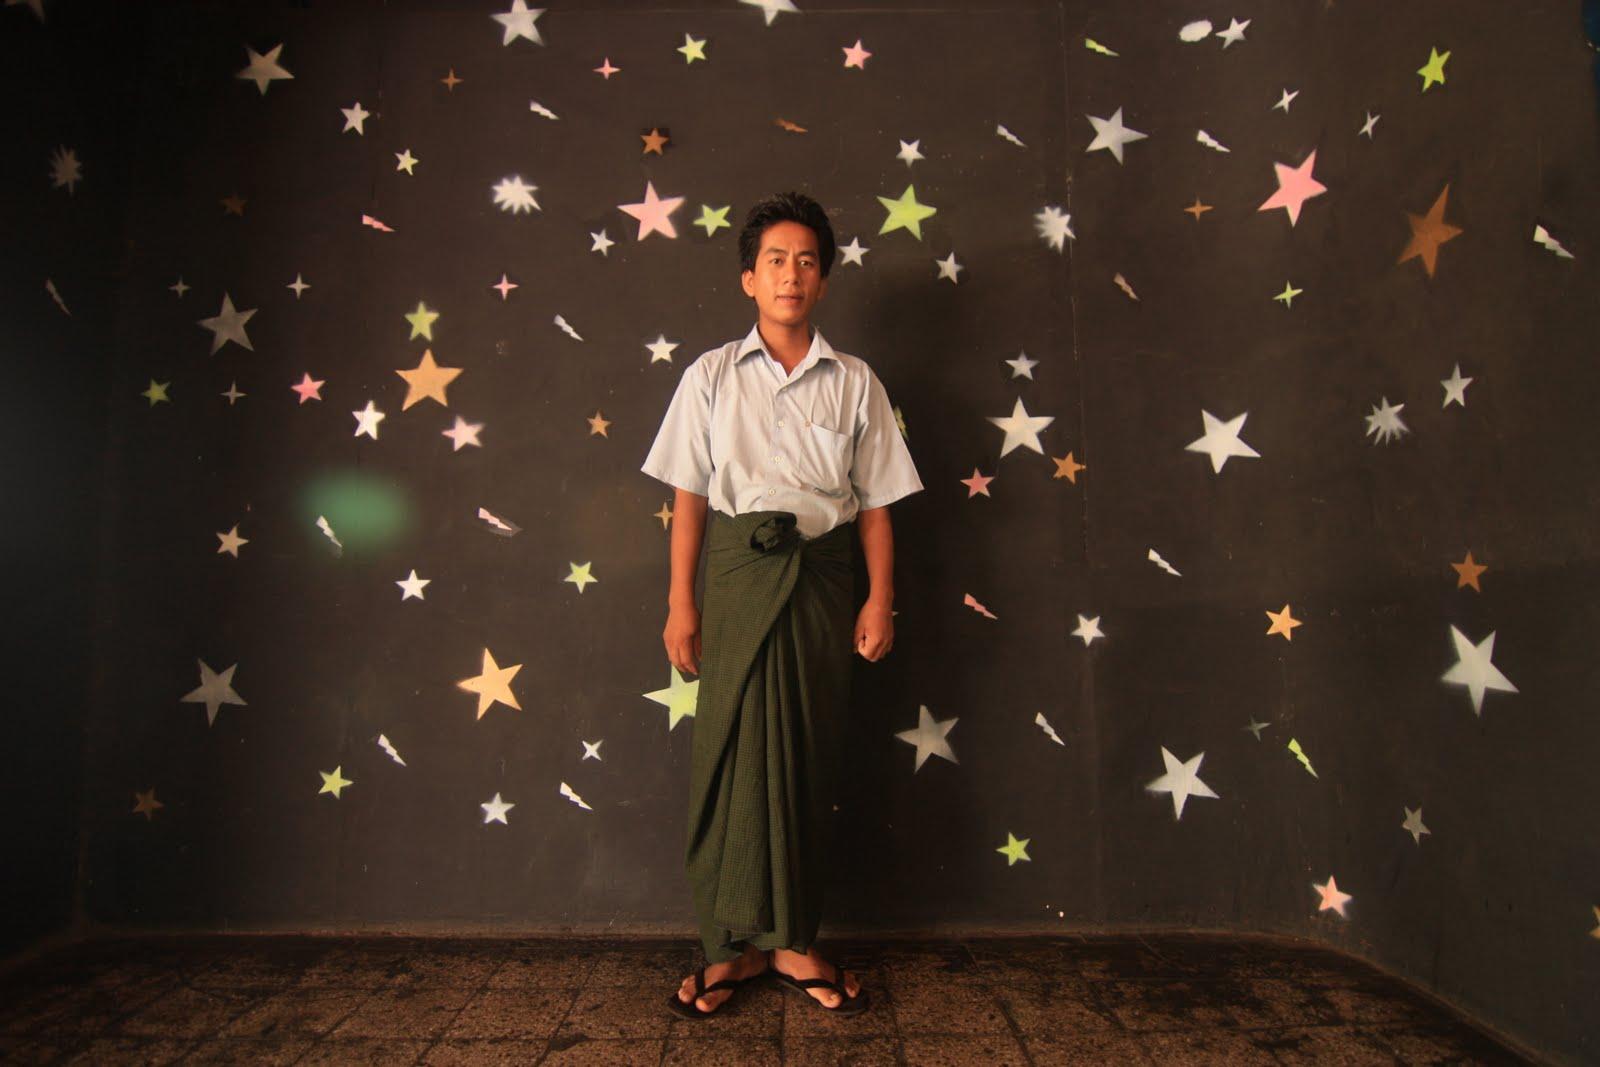 Shwe Myanmar Movies http://seatheater.blogspot.com/2010/08/shwe-mann ...